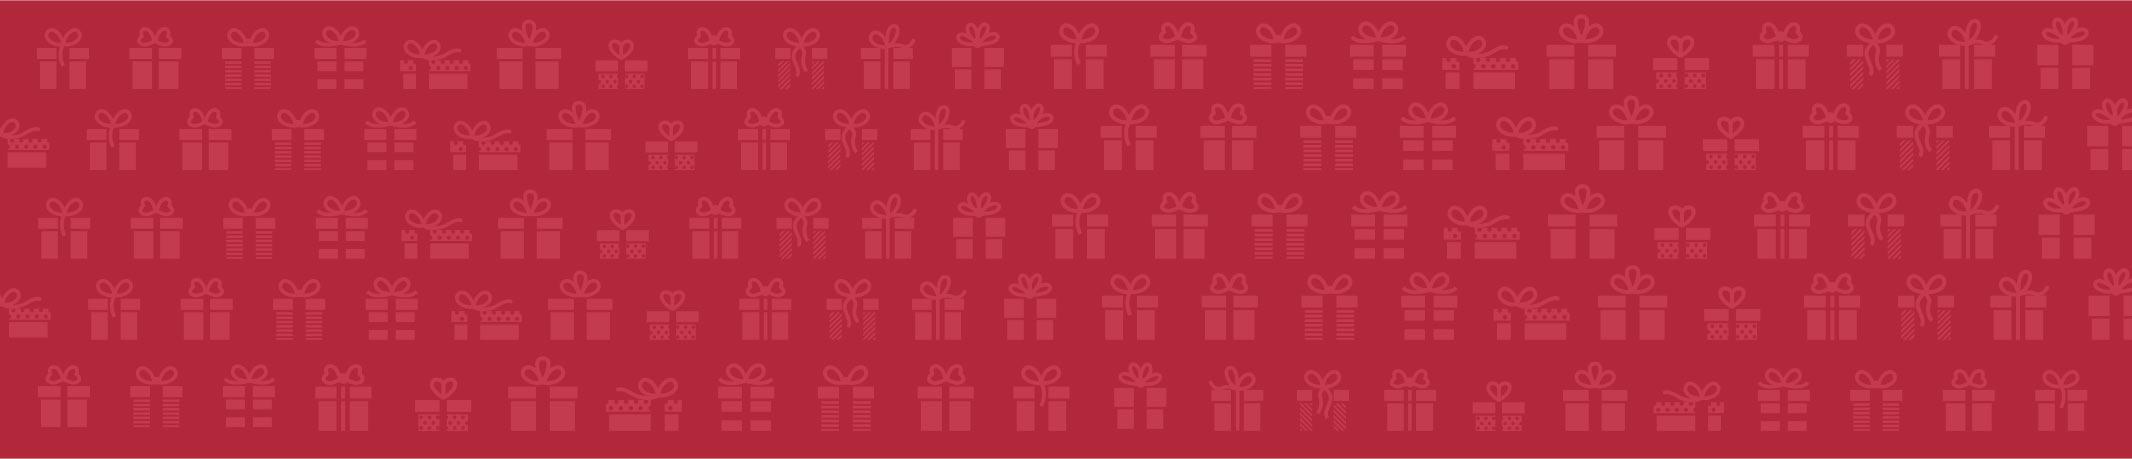 Календарь сдачи отчетности ЦБ РФ 4212-У на декабрь 2017